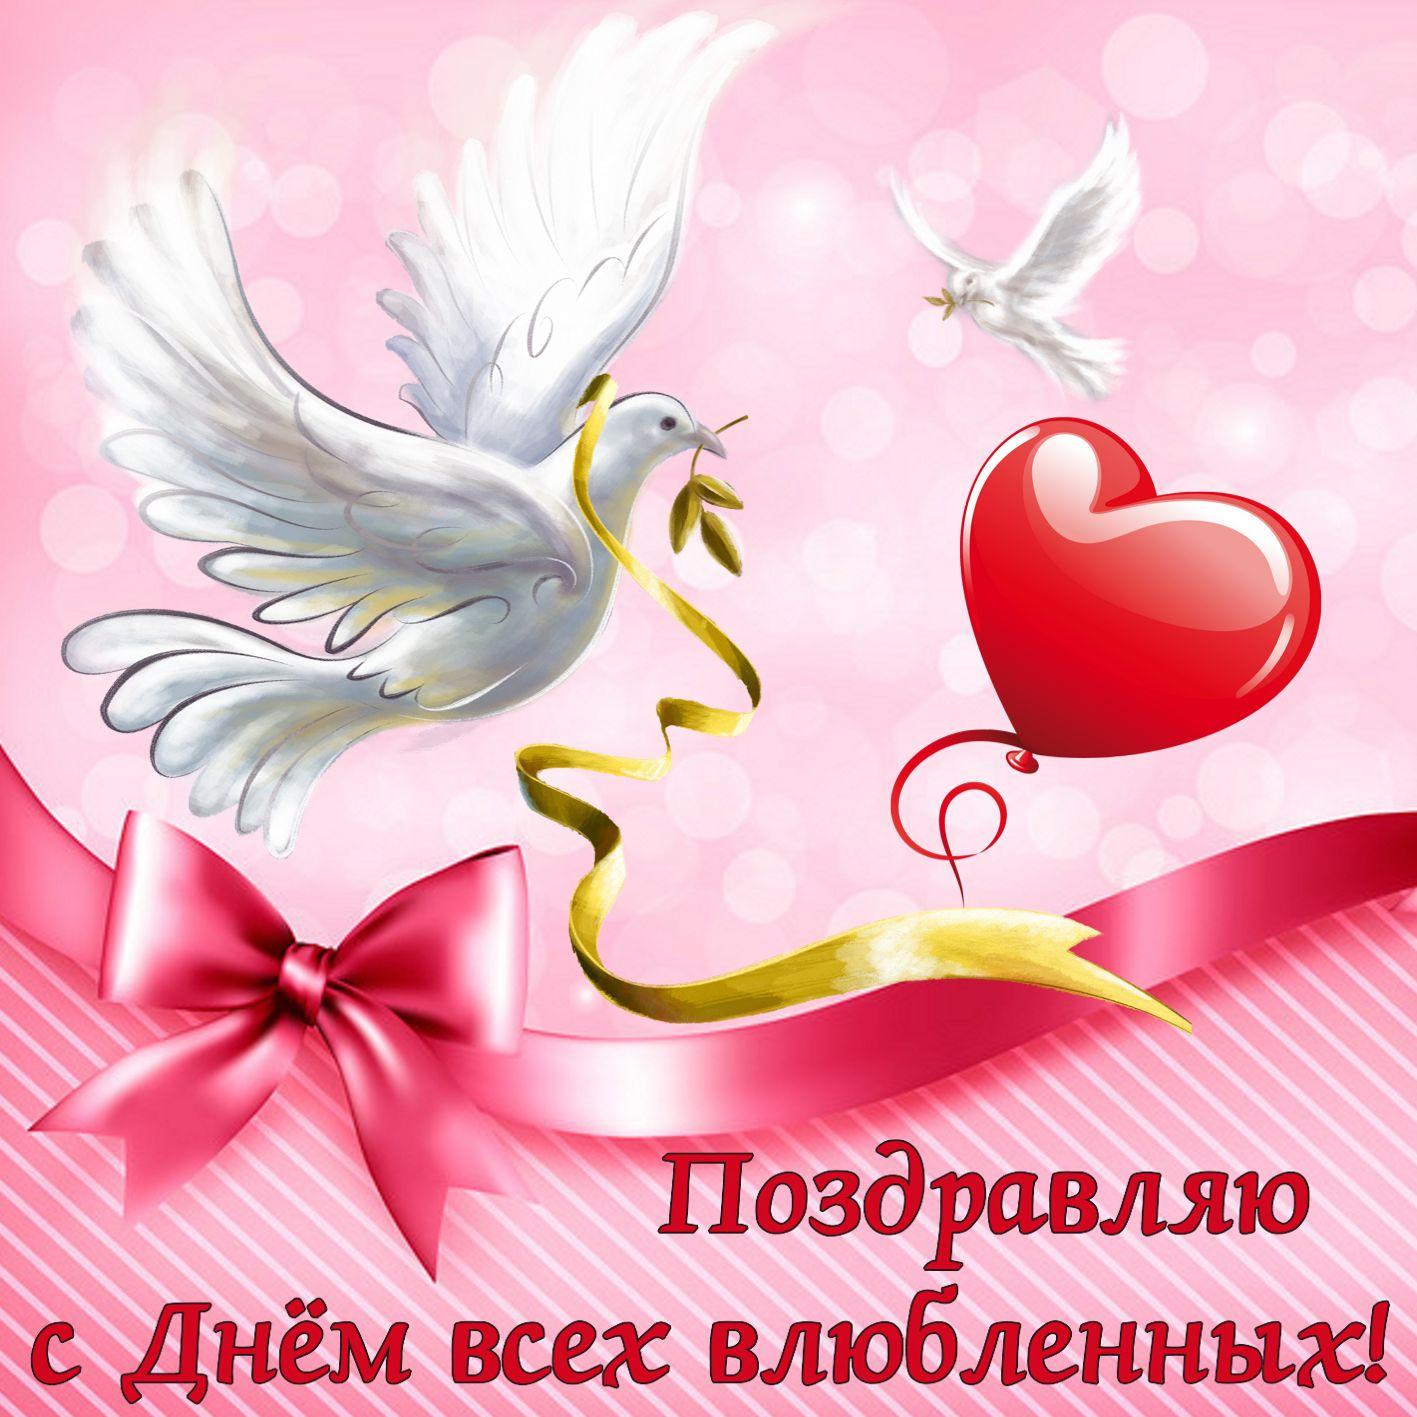 Поздравления с днем Святого Валентина 2017 9